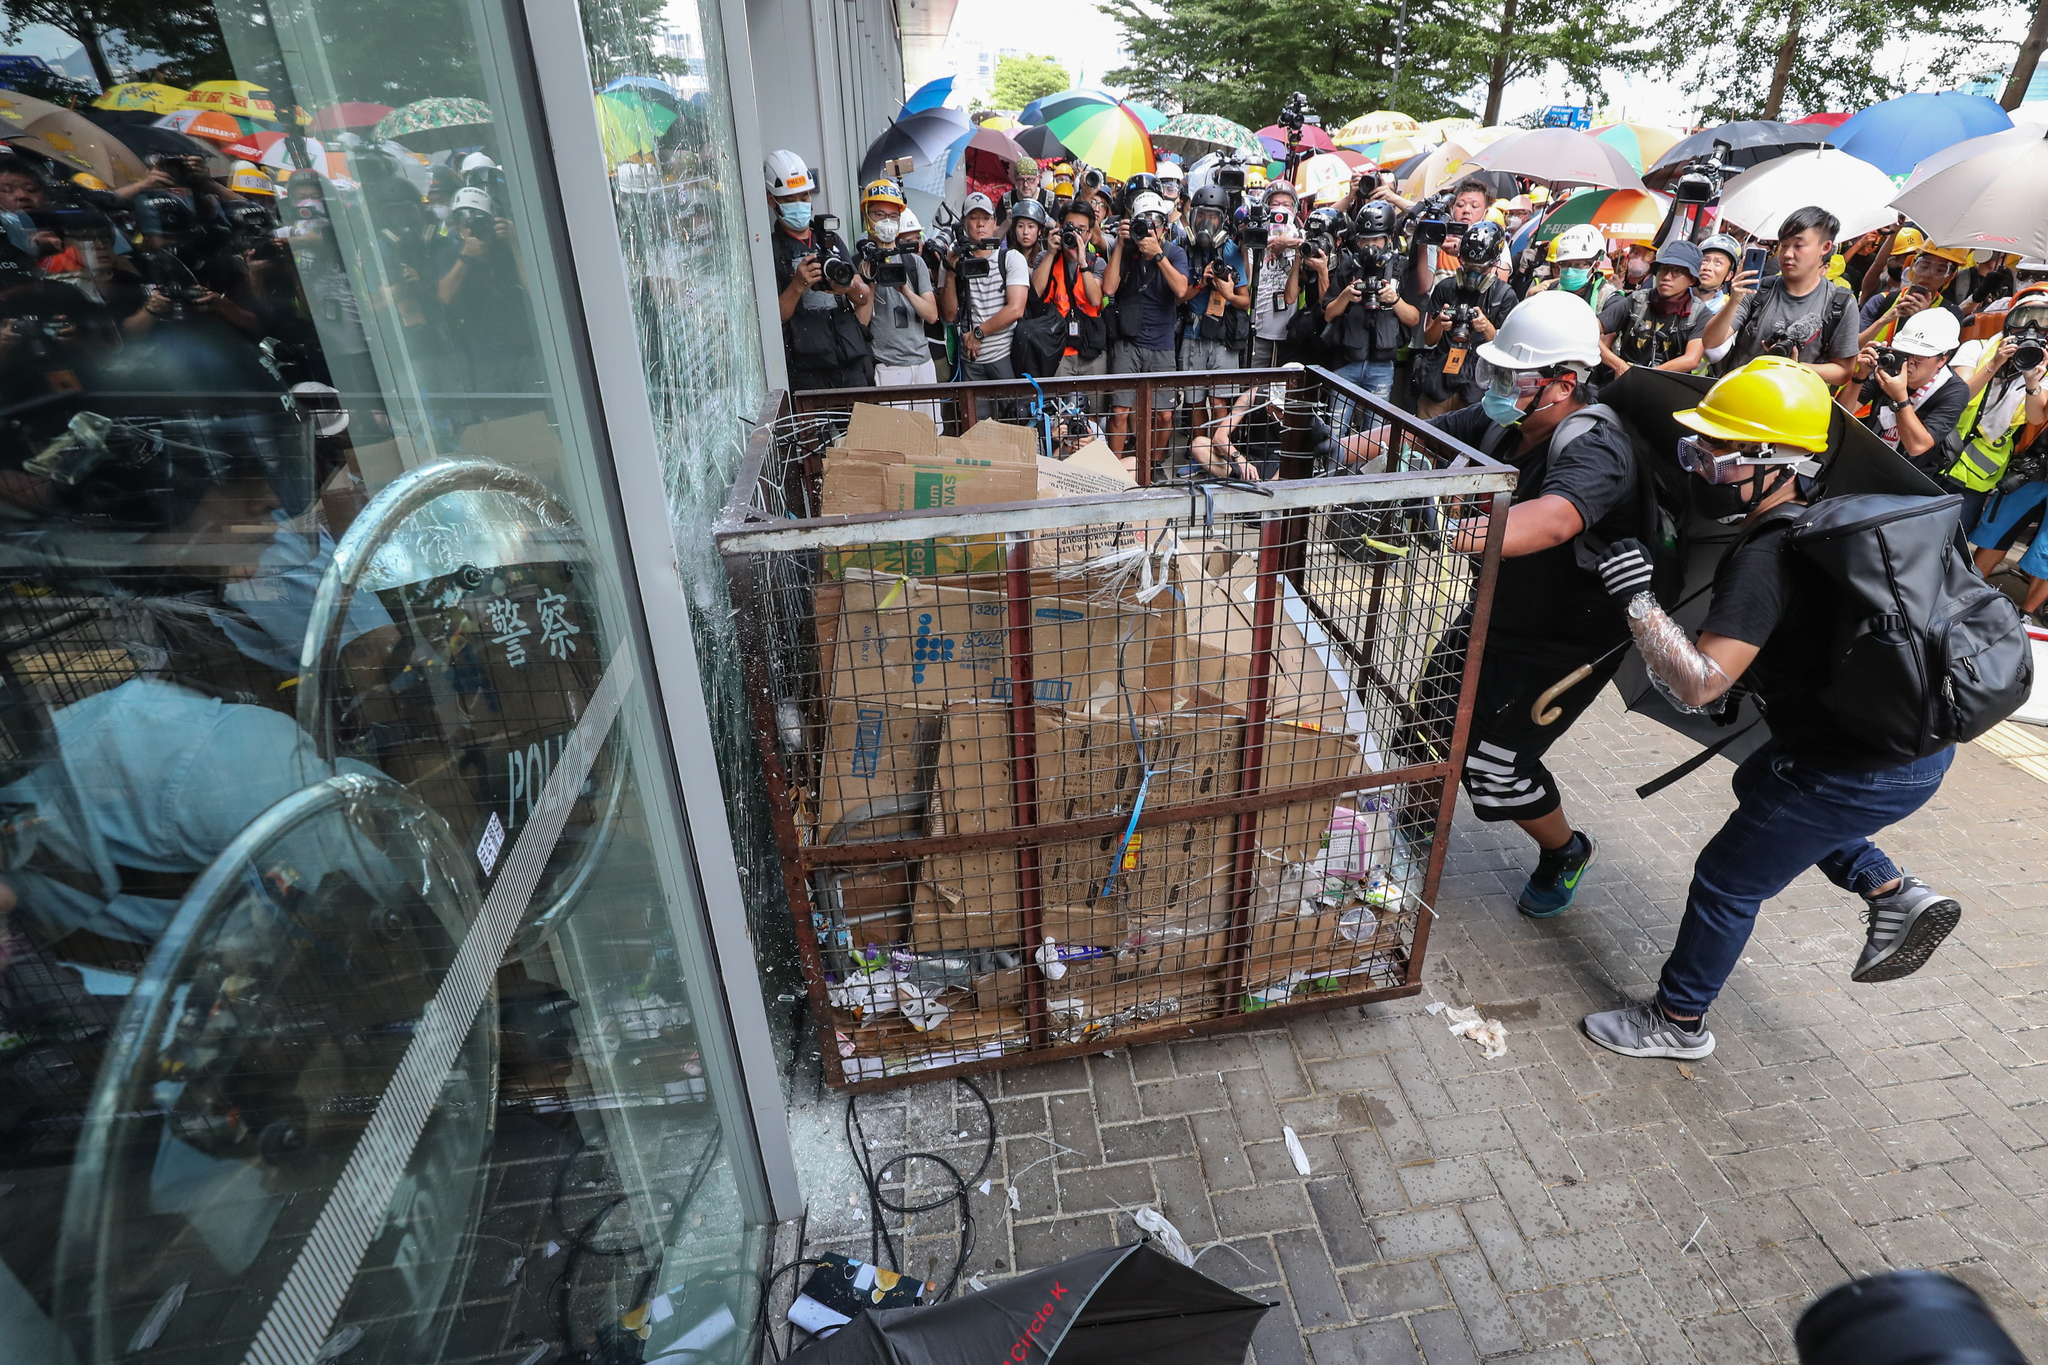 시위대가 홍콩반환 기념일인 1일 철제 상자를 이용해 홍콩 입법원 입구 유리창을 부수고 있다. [EPA=연합뉴스]